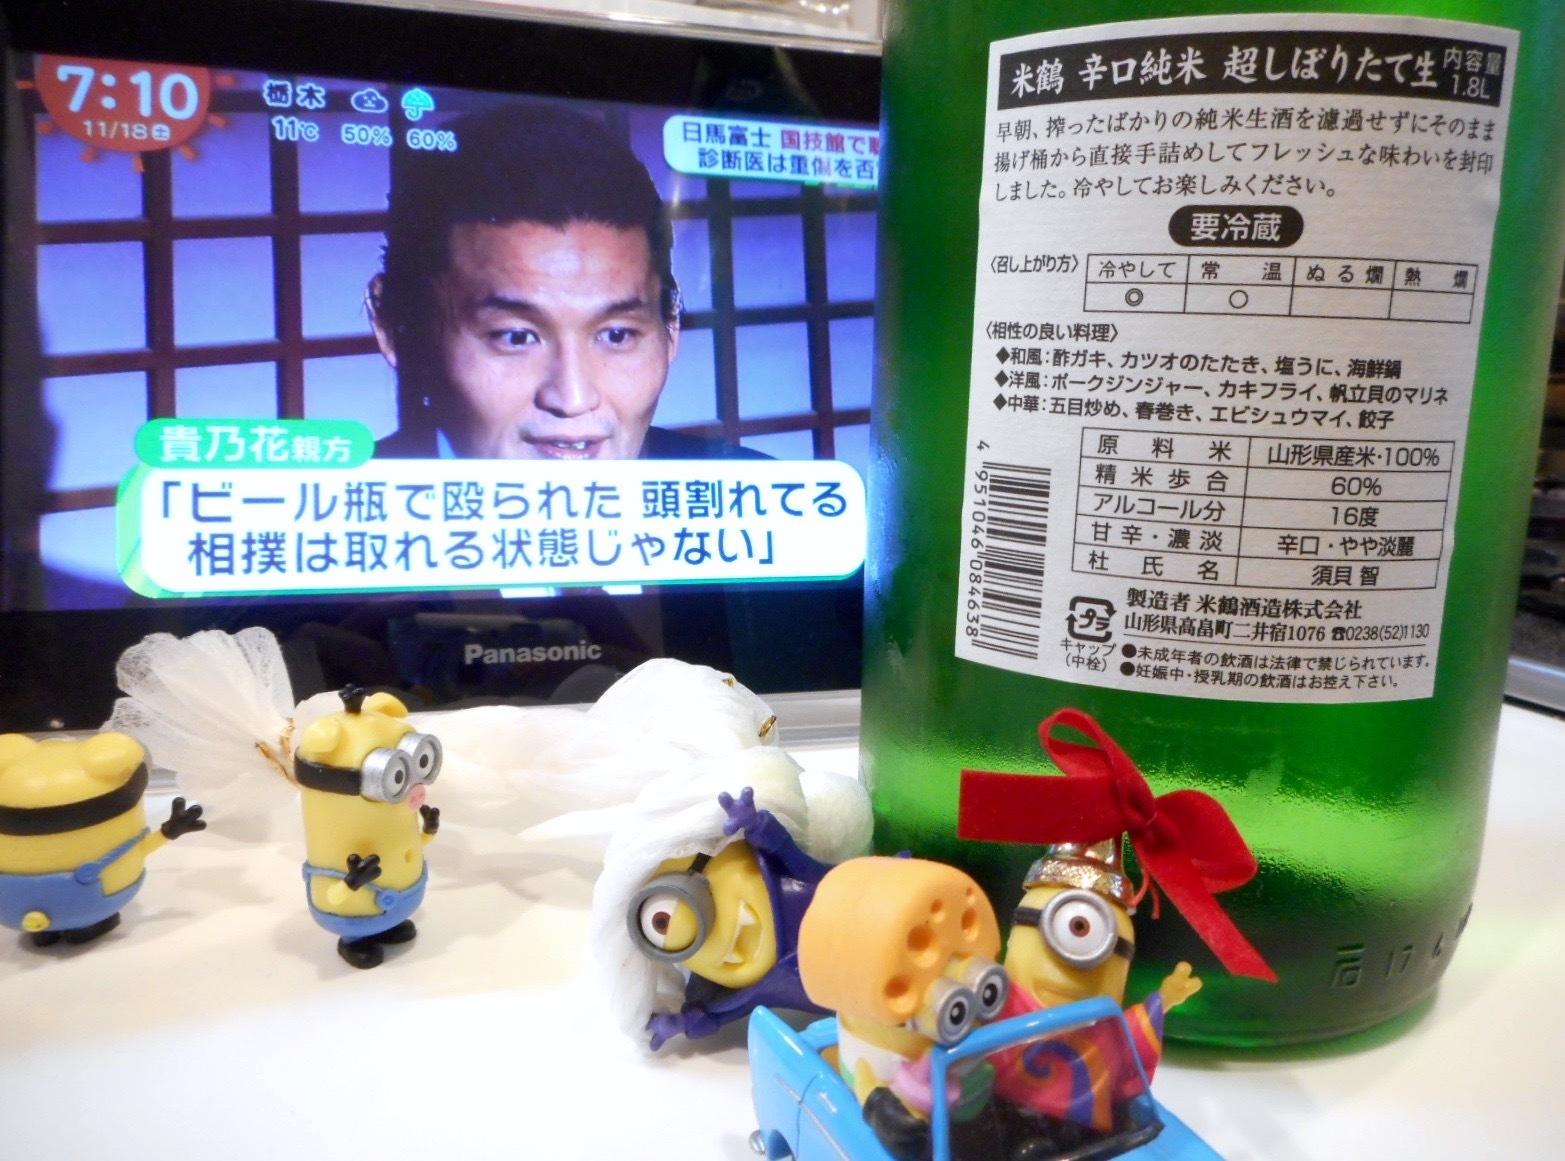 yonetsuru_karakuchi29by2.jpg